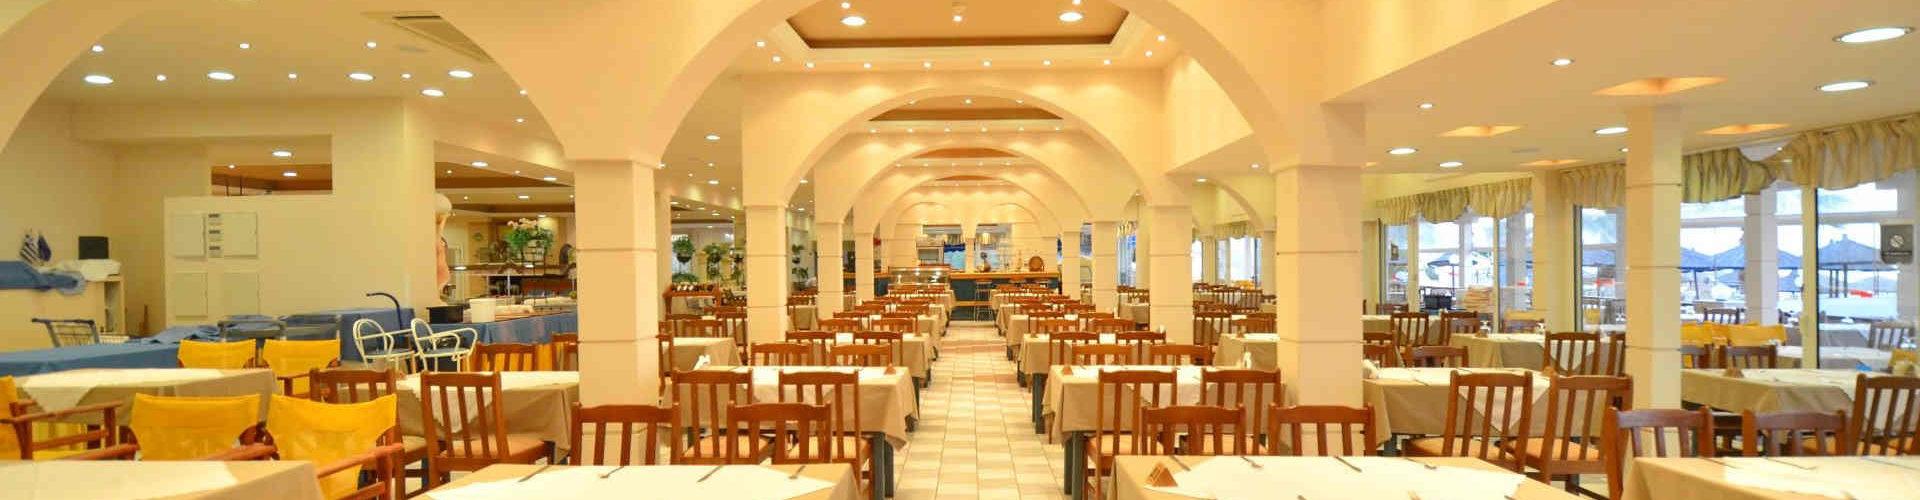 SHR Restaurant 15